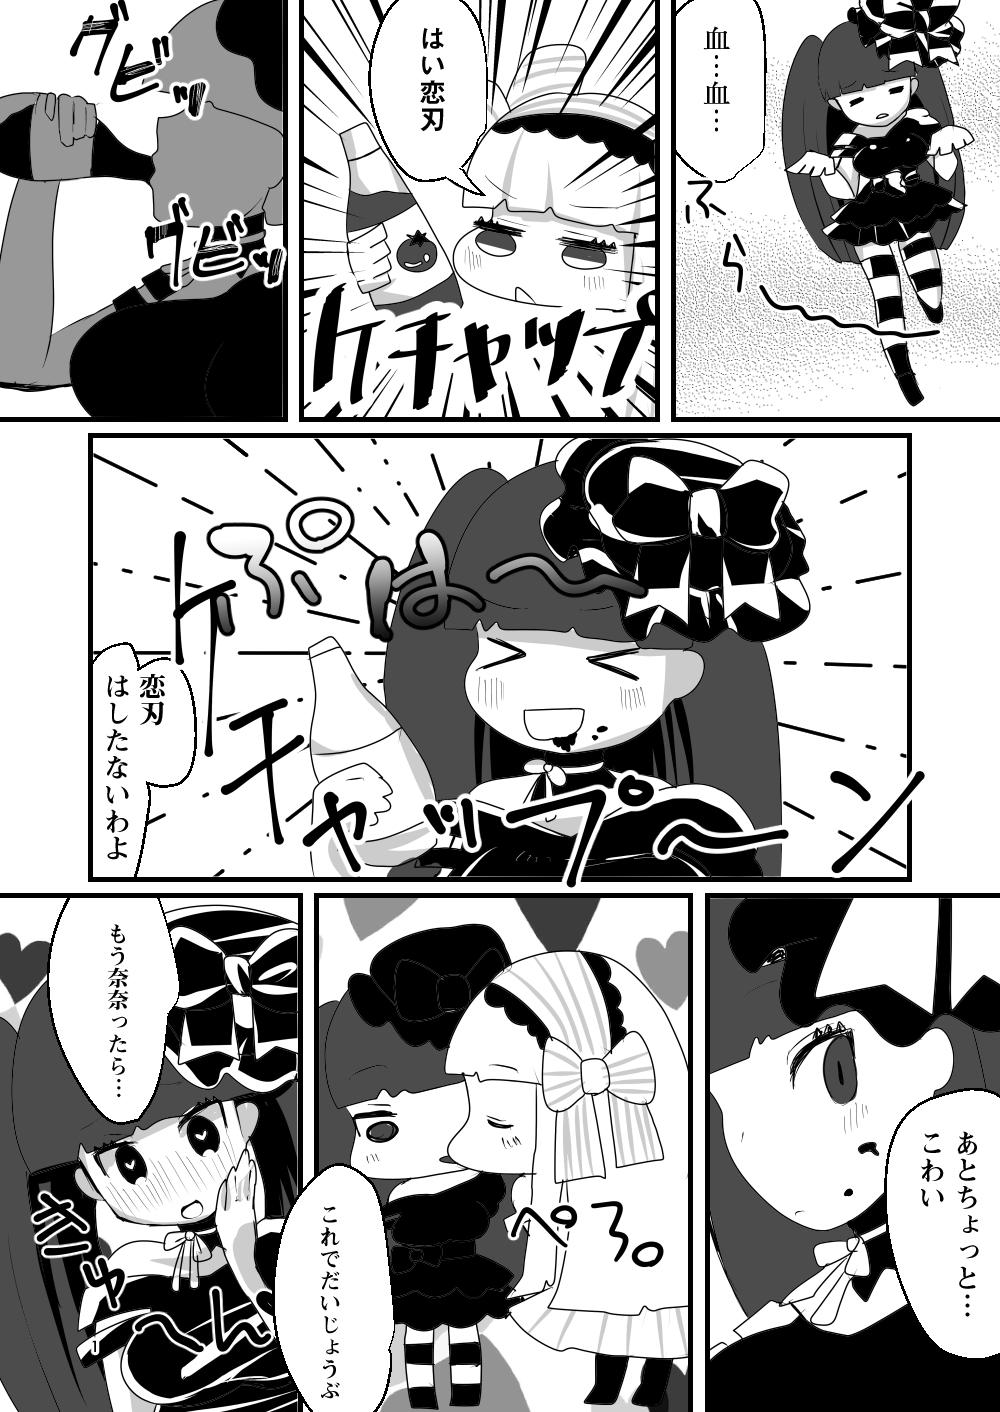 20170531「ケチャップ」(このなな)